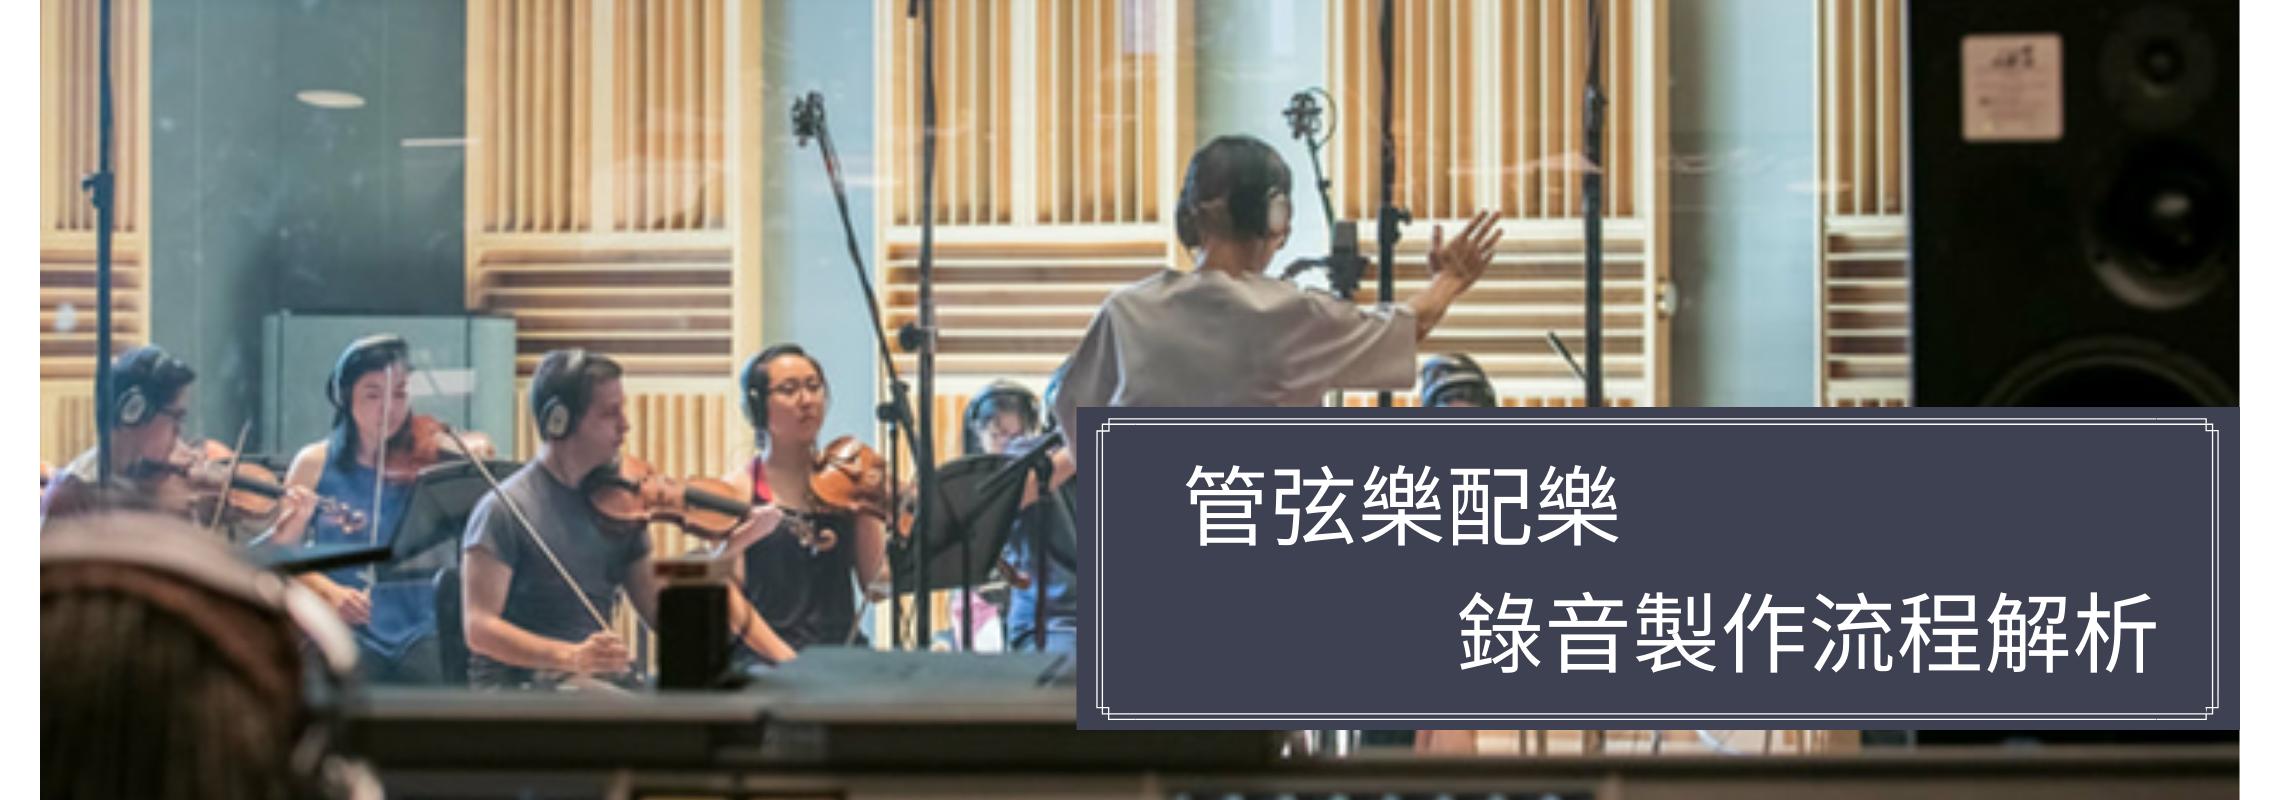 管弦樂配樂-錄音製作流程解析